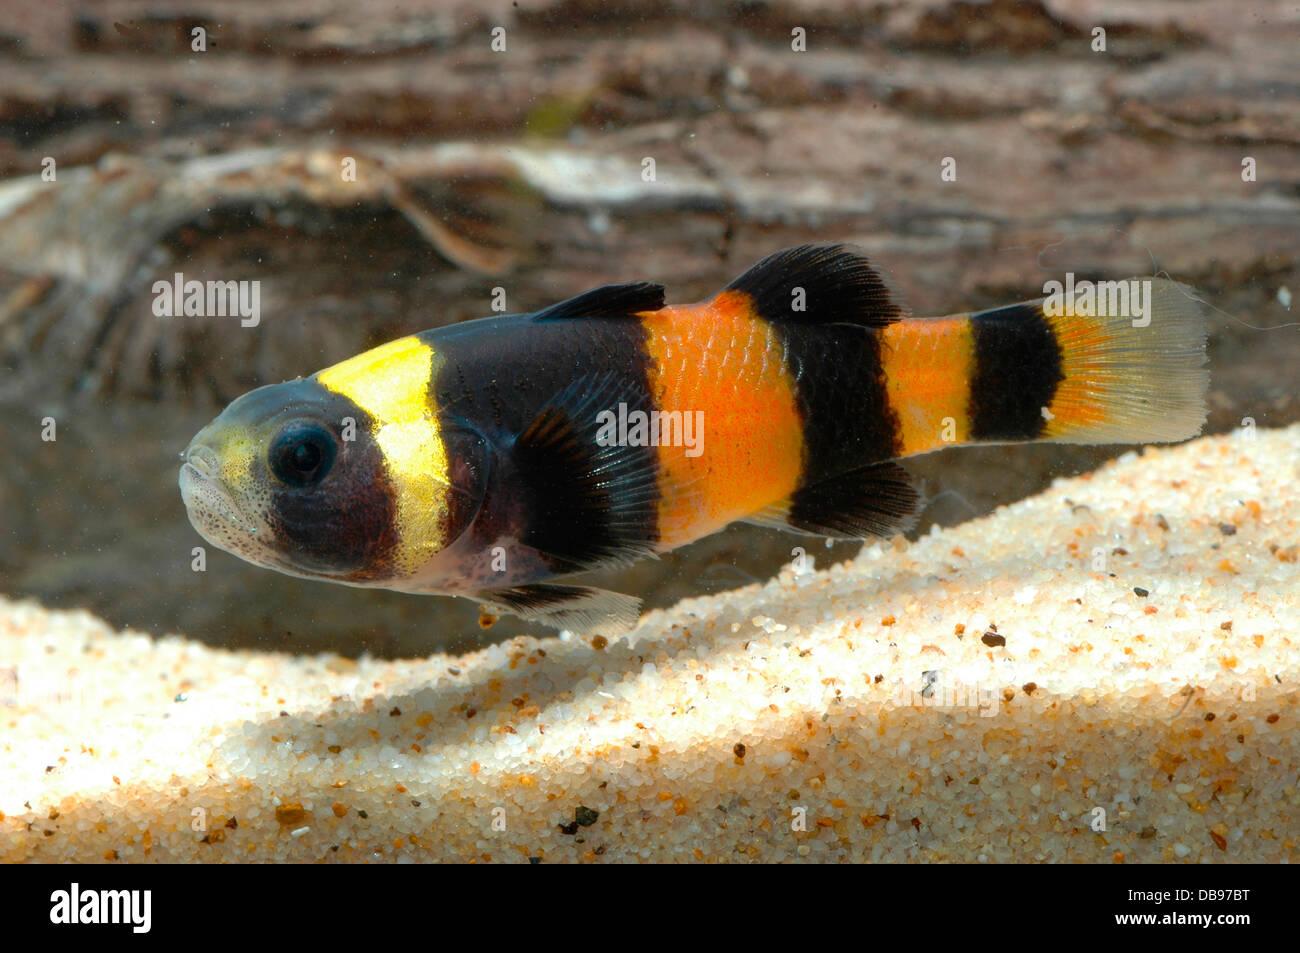 Brachygobius Doriae Bumble Bee Goby Borneo Sarawak Aquarium Fish